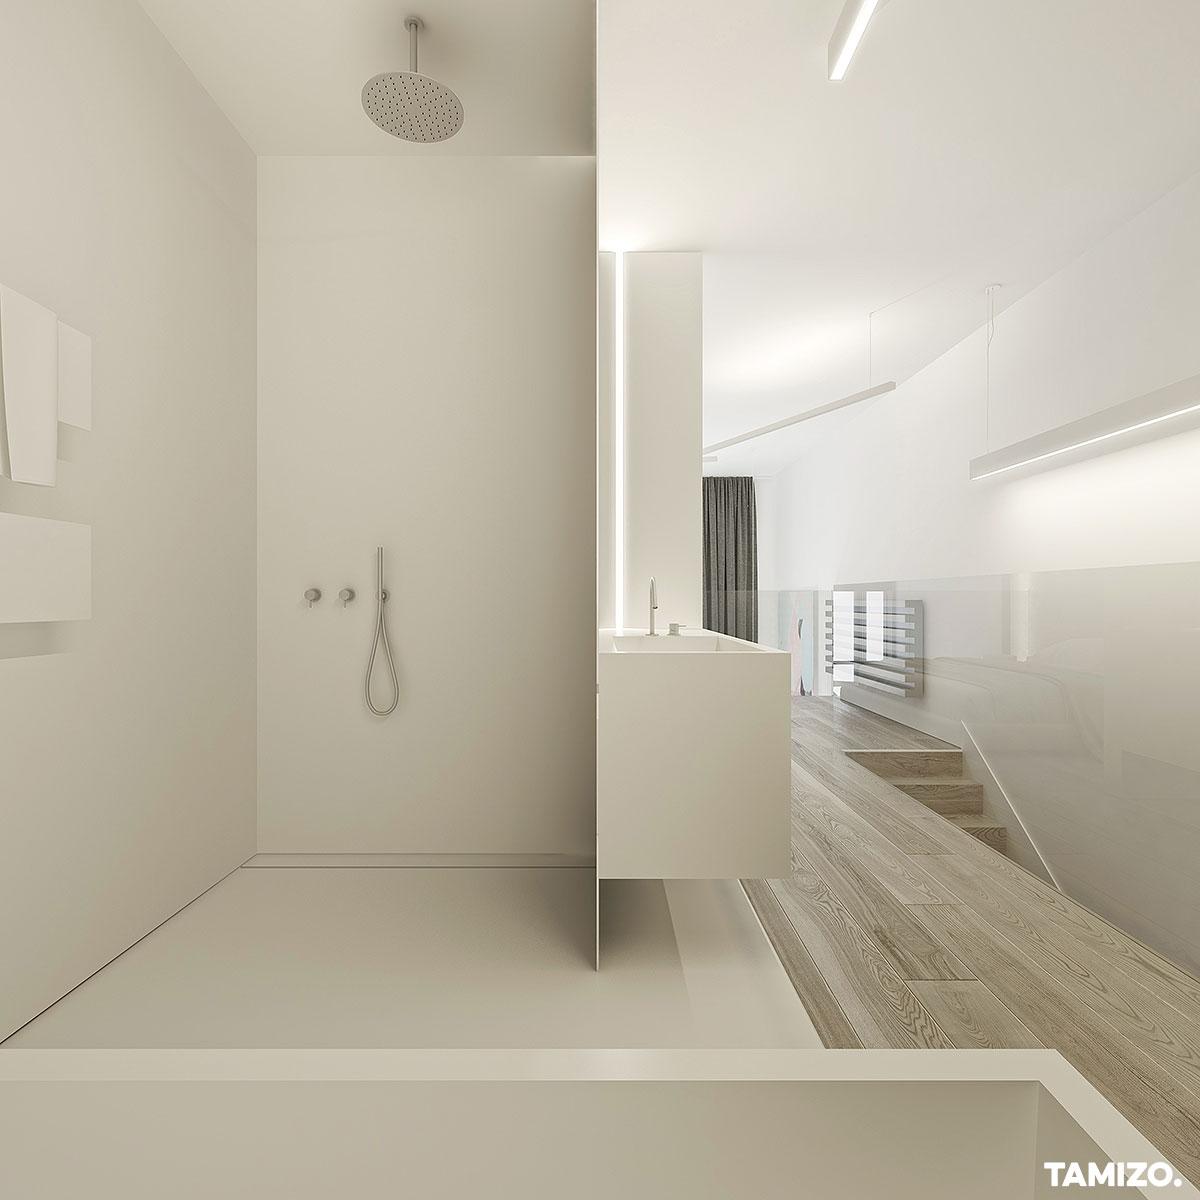 I065_tamizo_architekci_projekt-wnetrza-mieszkania-loft-kawalerka-warszawa-17